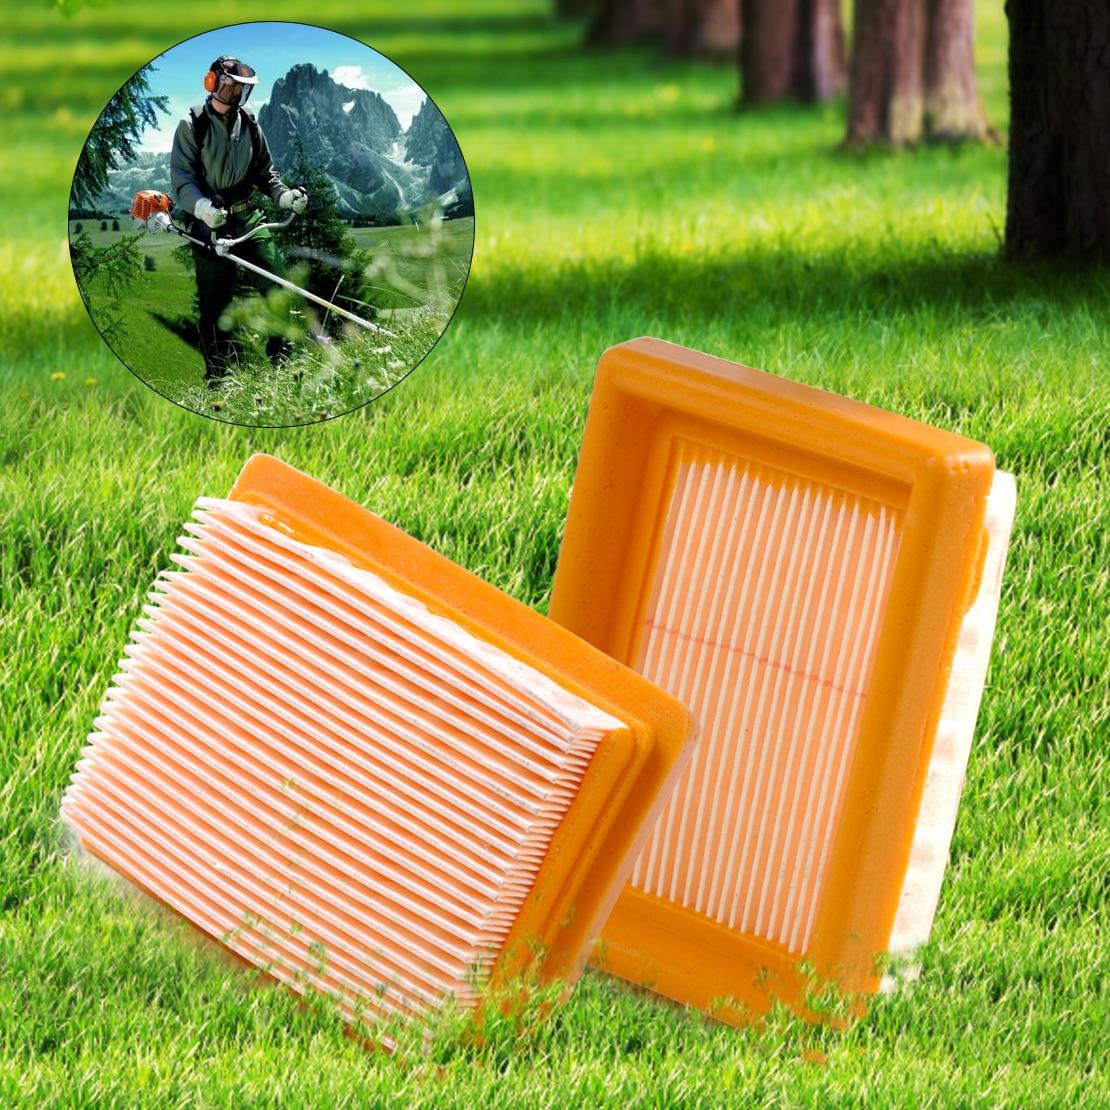 Letaosk novo filtro de ar substituição para stihl aparador fs120 fs200 fs250 fs300 fs350 mm55